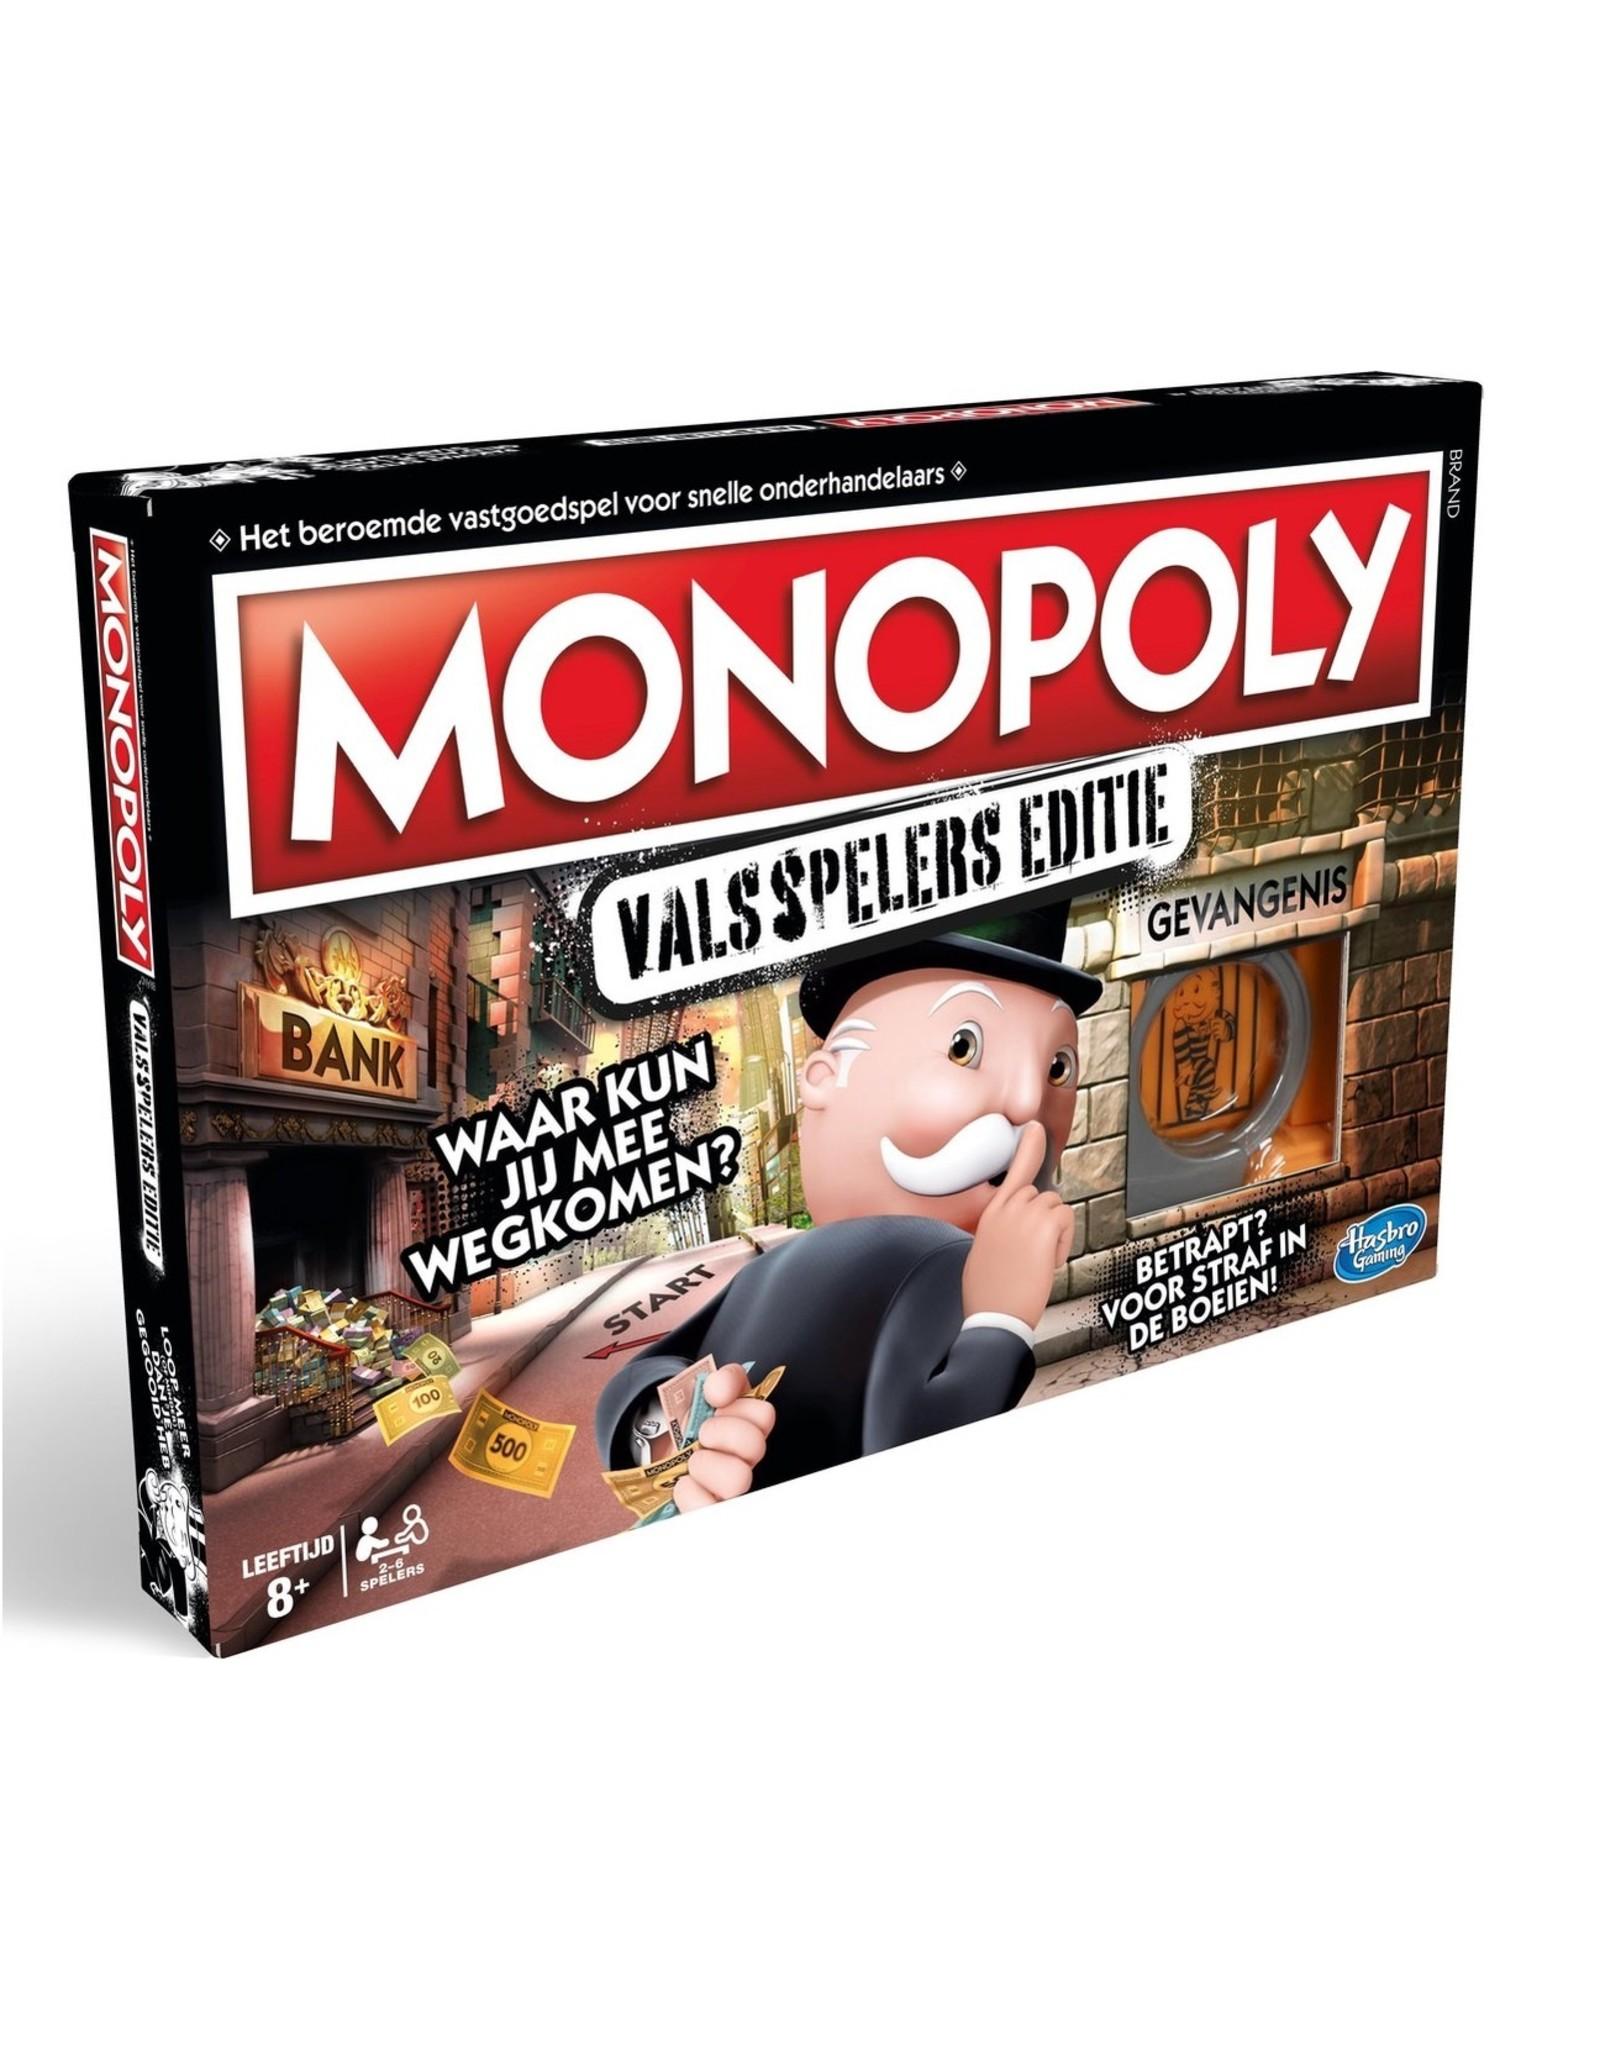 Monopoly Monopoly - Valsspelers Editie - Bordspel